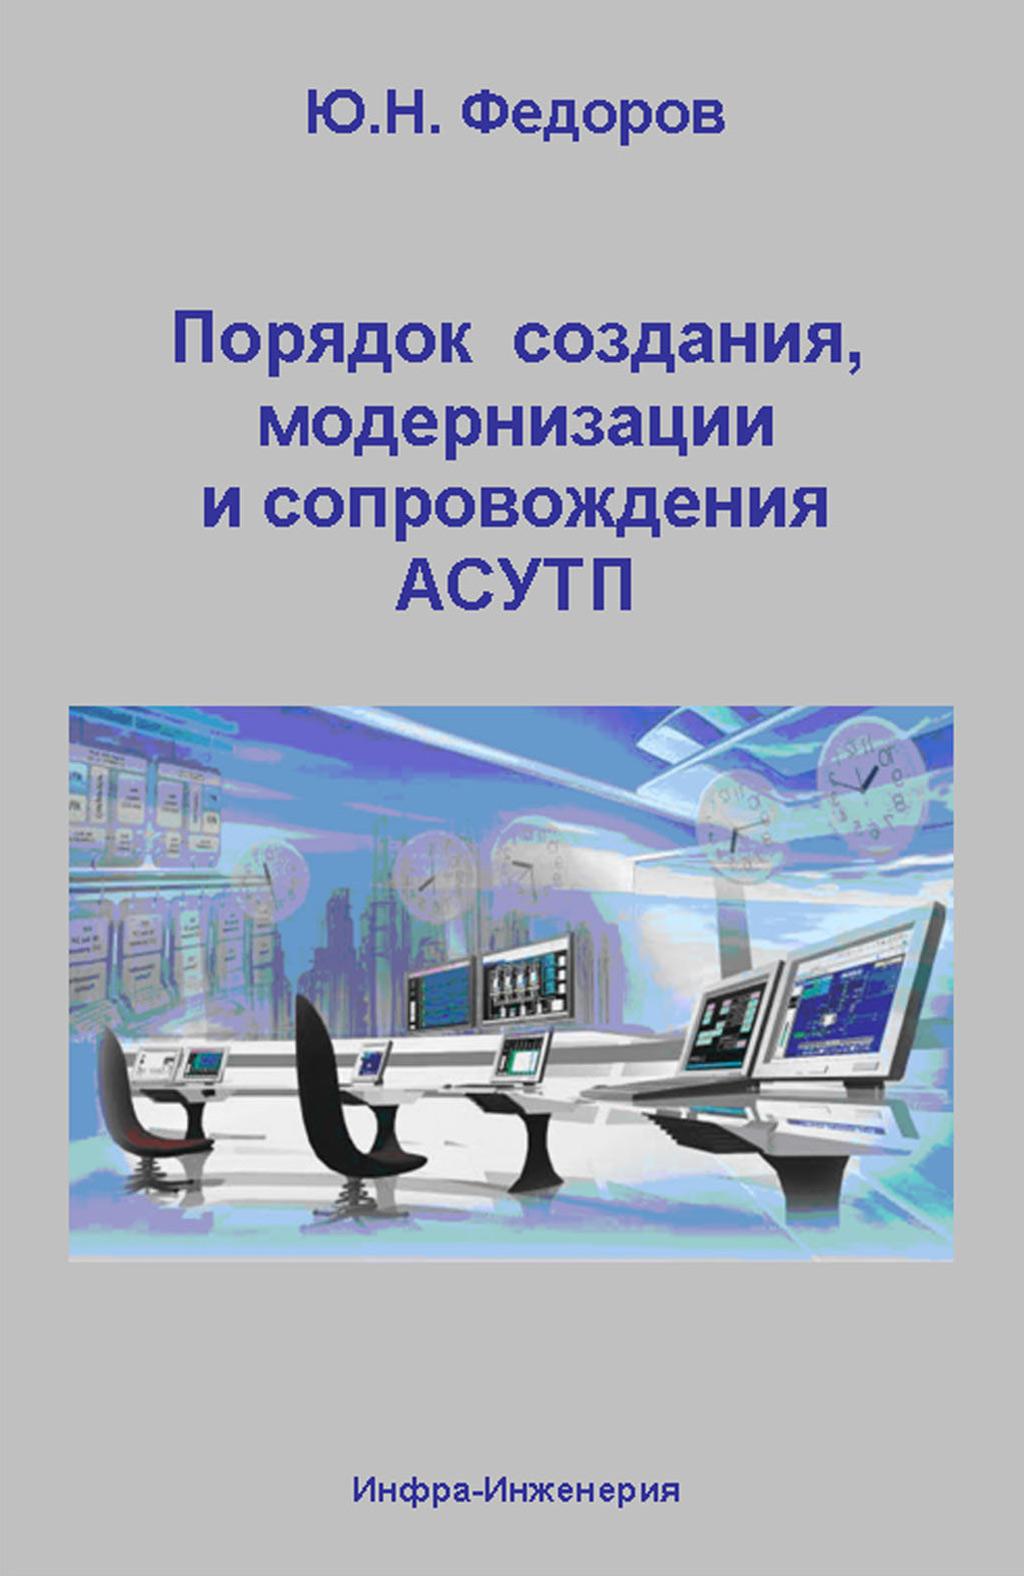 Ю. Н. Федоров Порядок создания, модернизации и сопровождения АСУТП